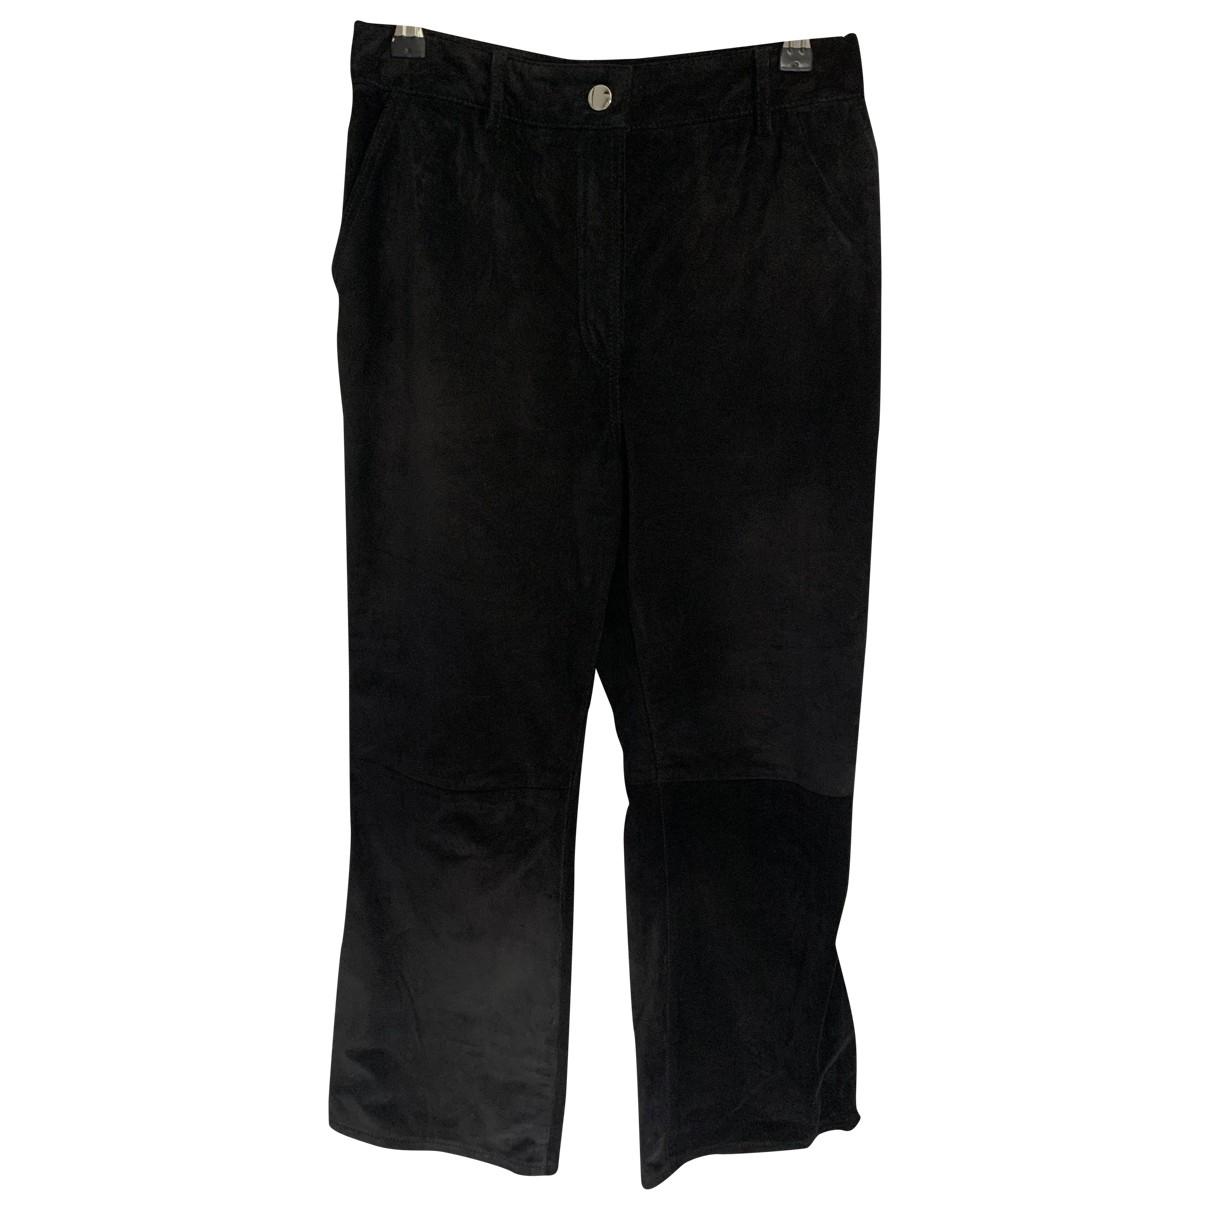 Pantalon de traje Altuzarra